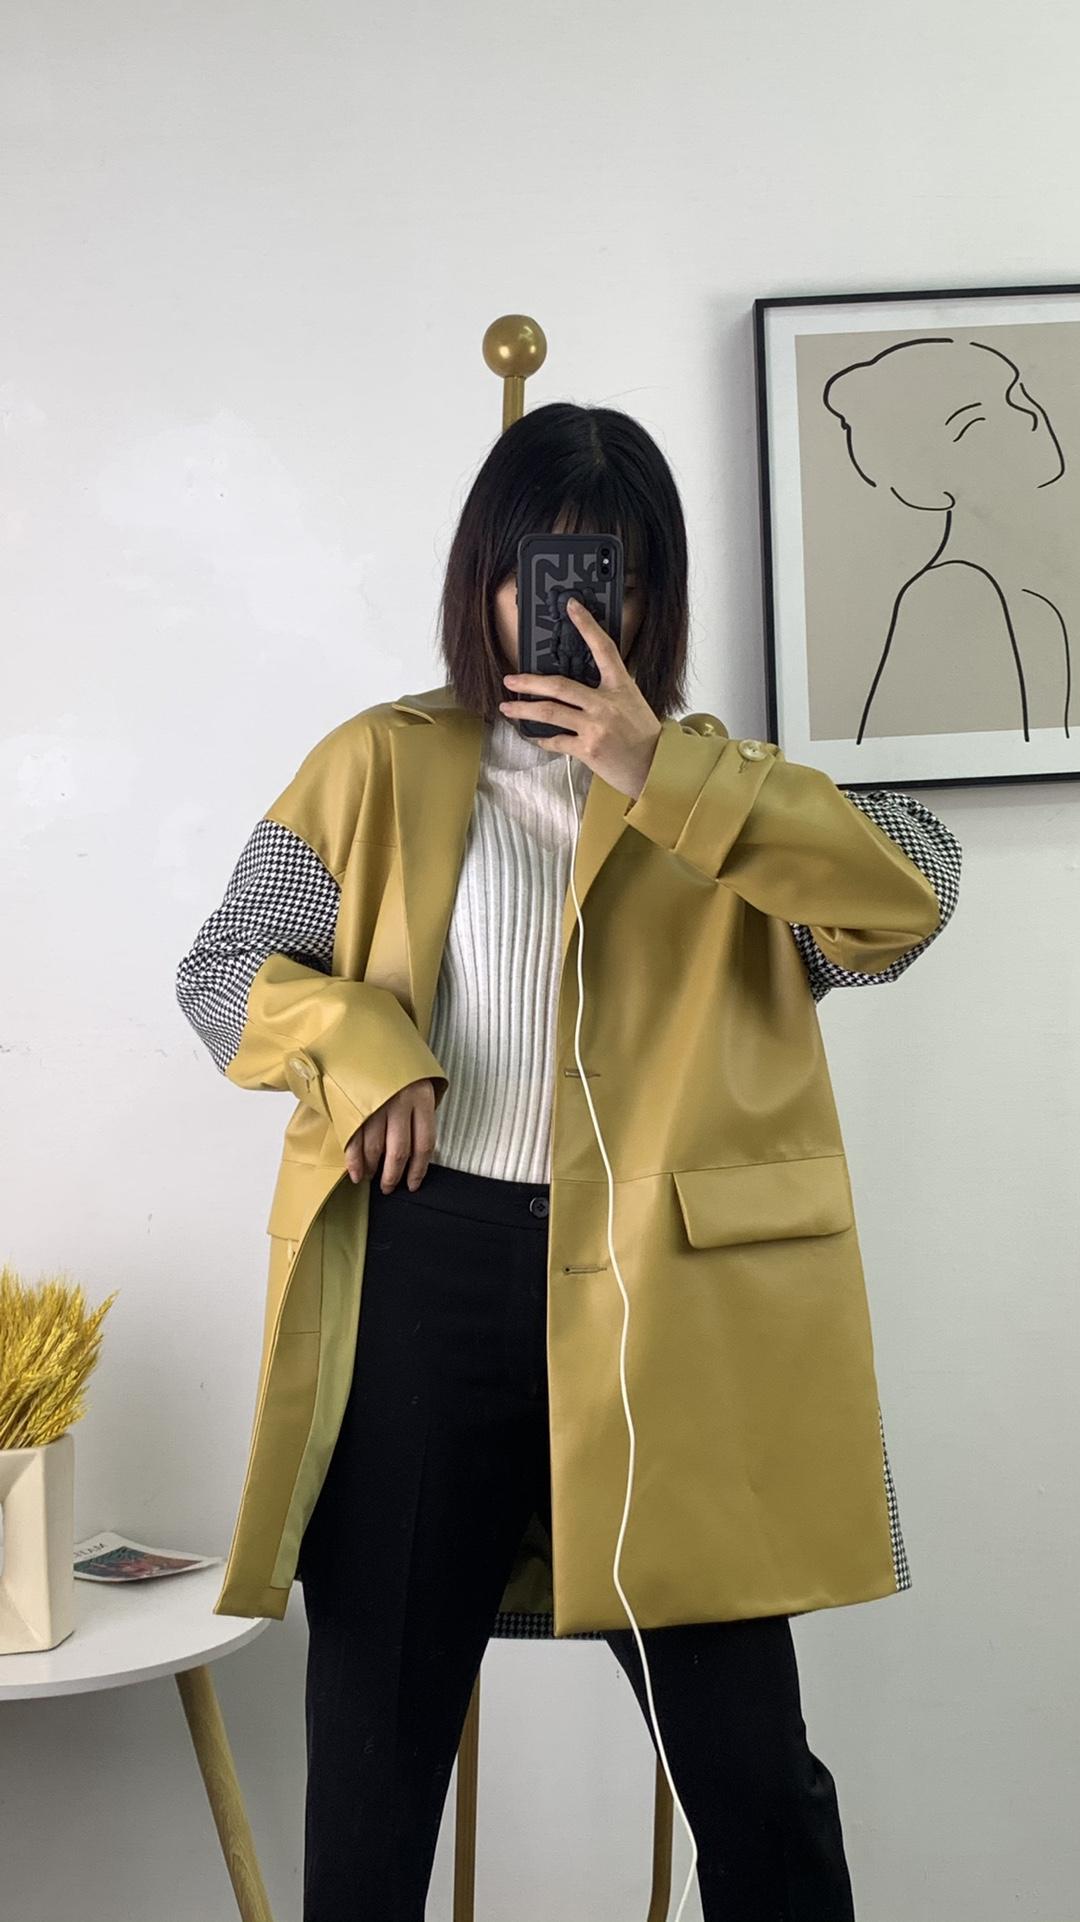 黄色皮衣 姜黄色气质专柜品质翻领中长款皮衣外套 进口真皮绵羊皮千鸟格_推荐淘宝好看的黄色皮衣